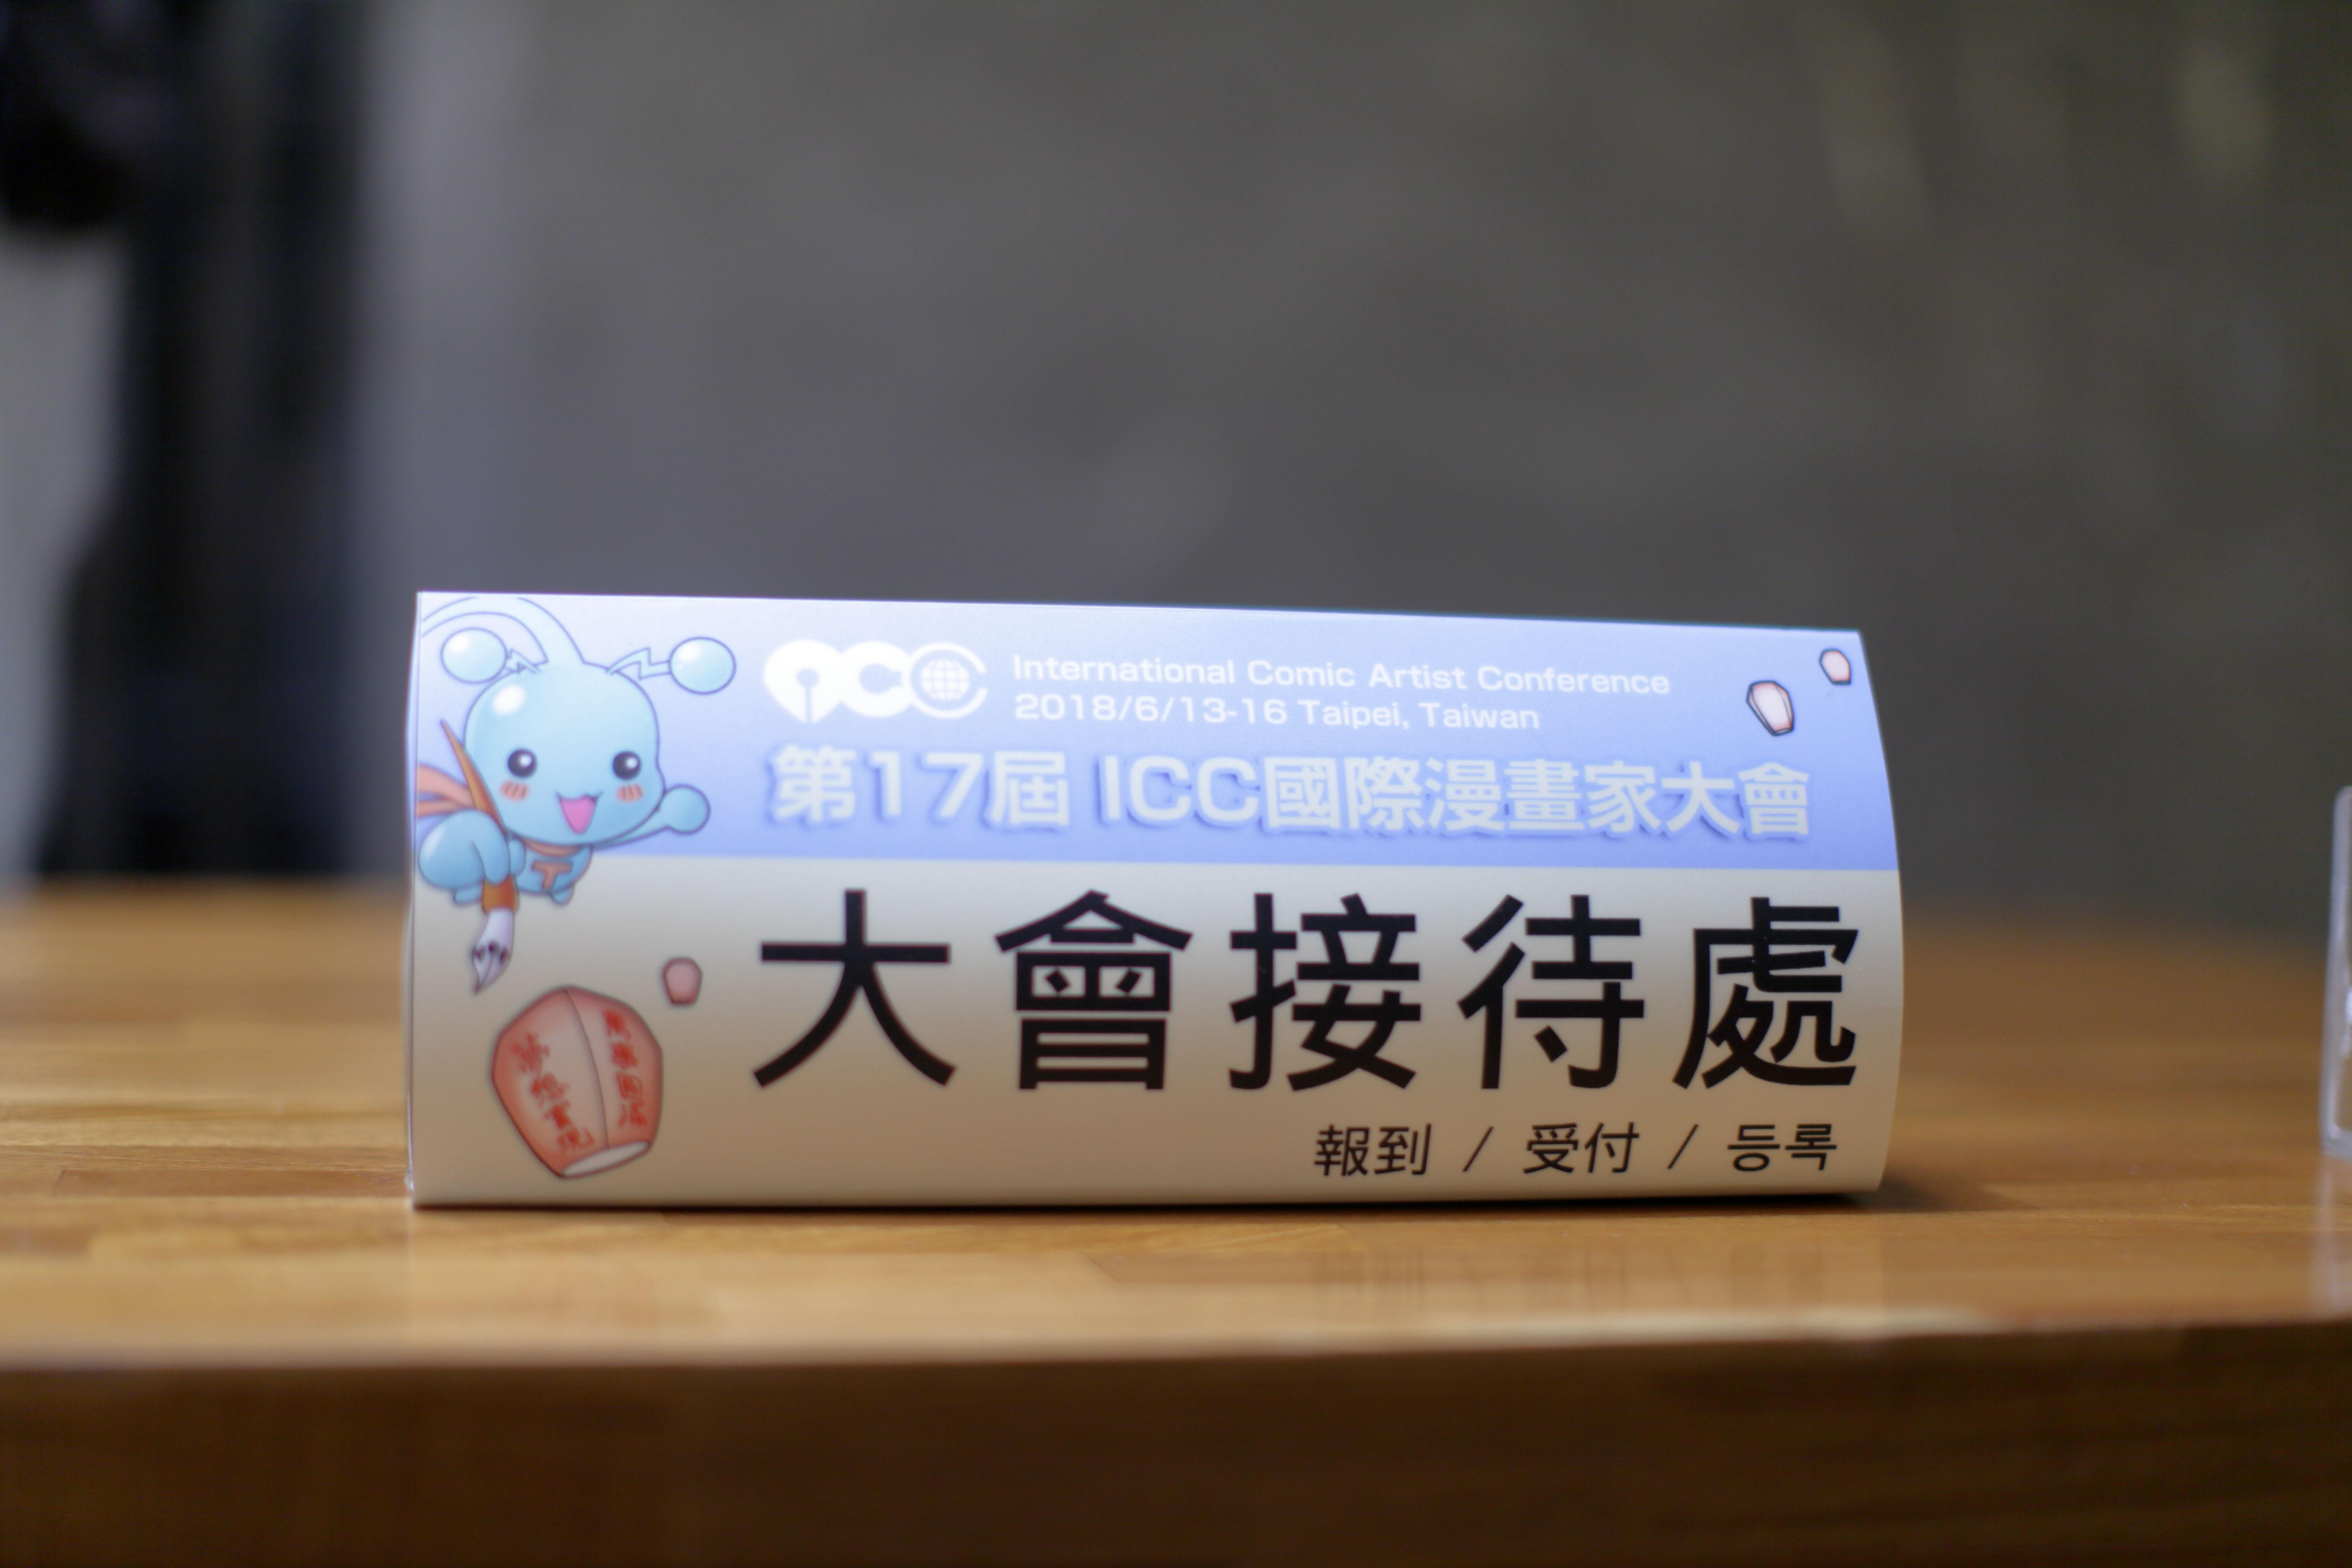 2018 ICC